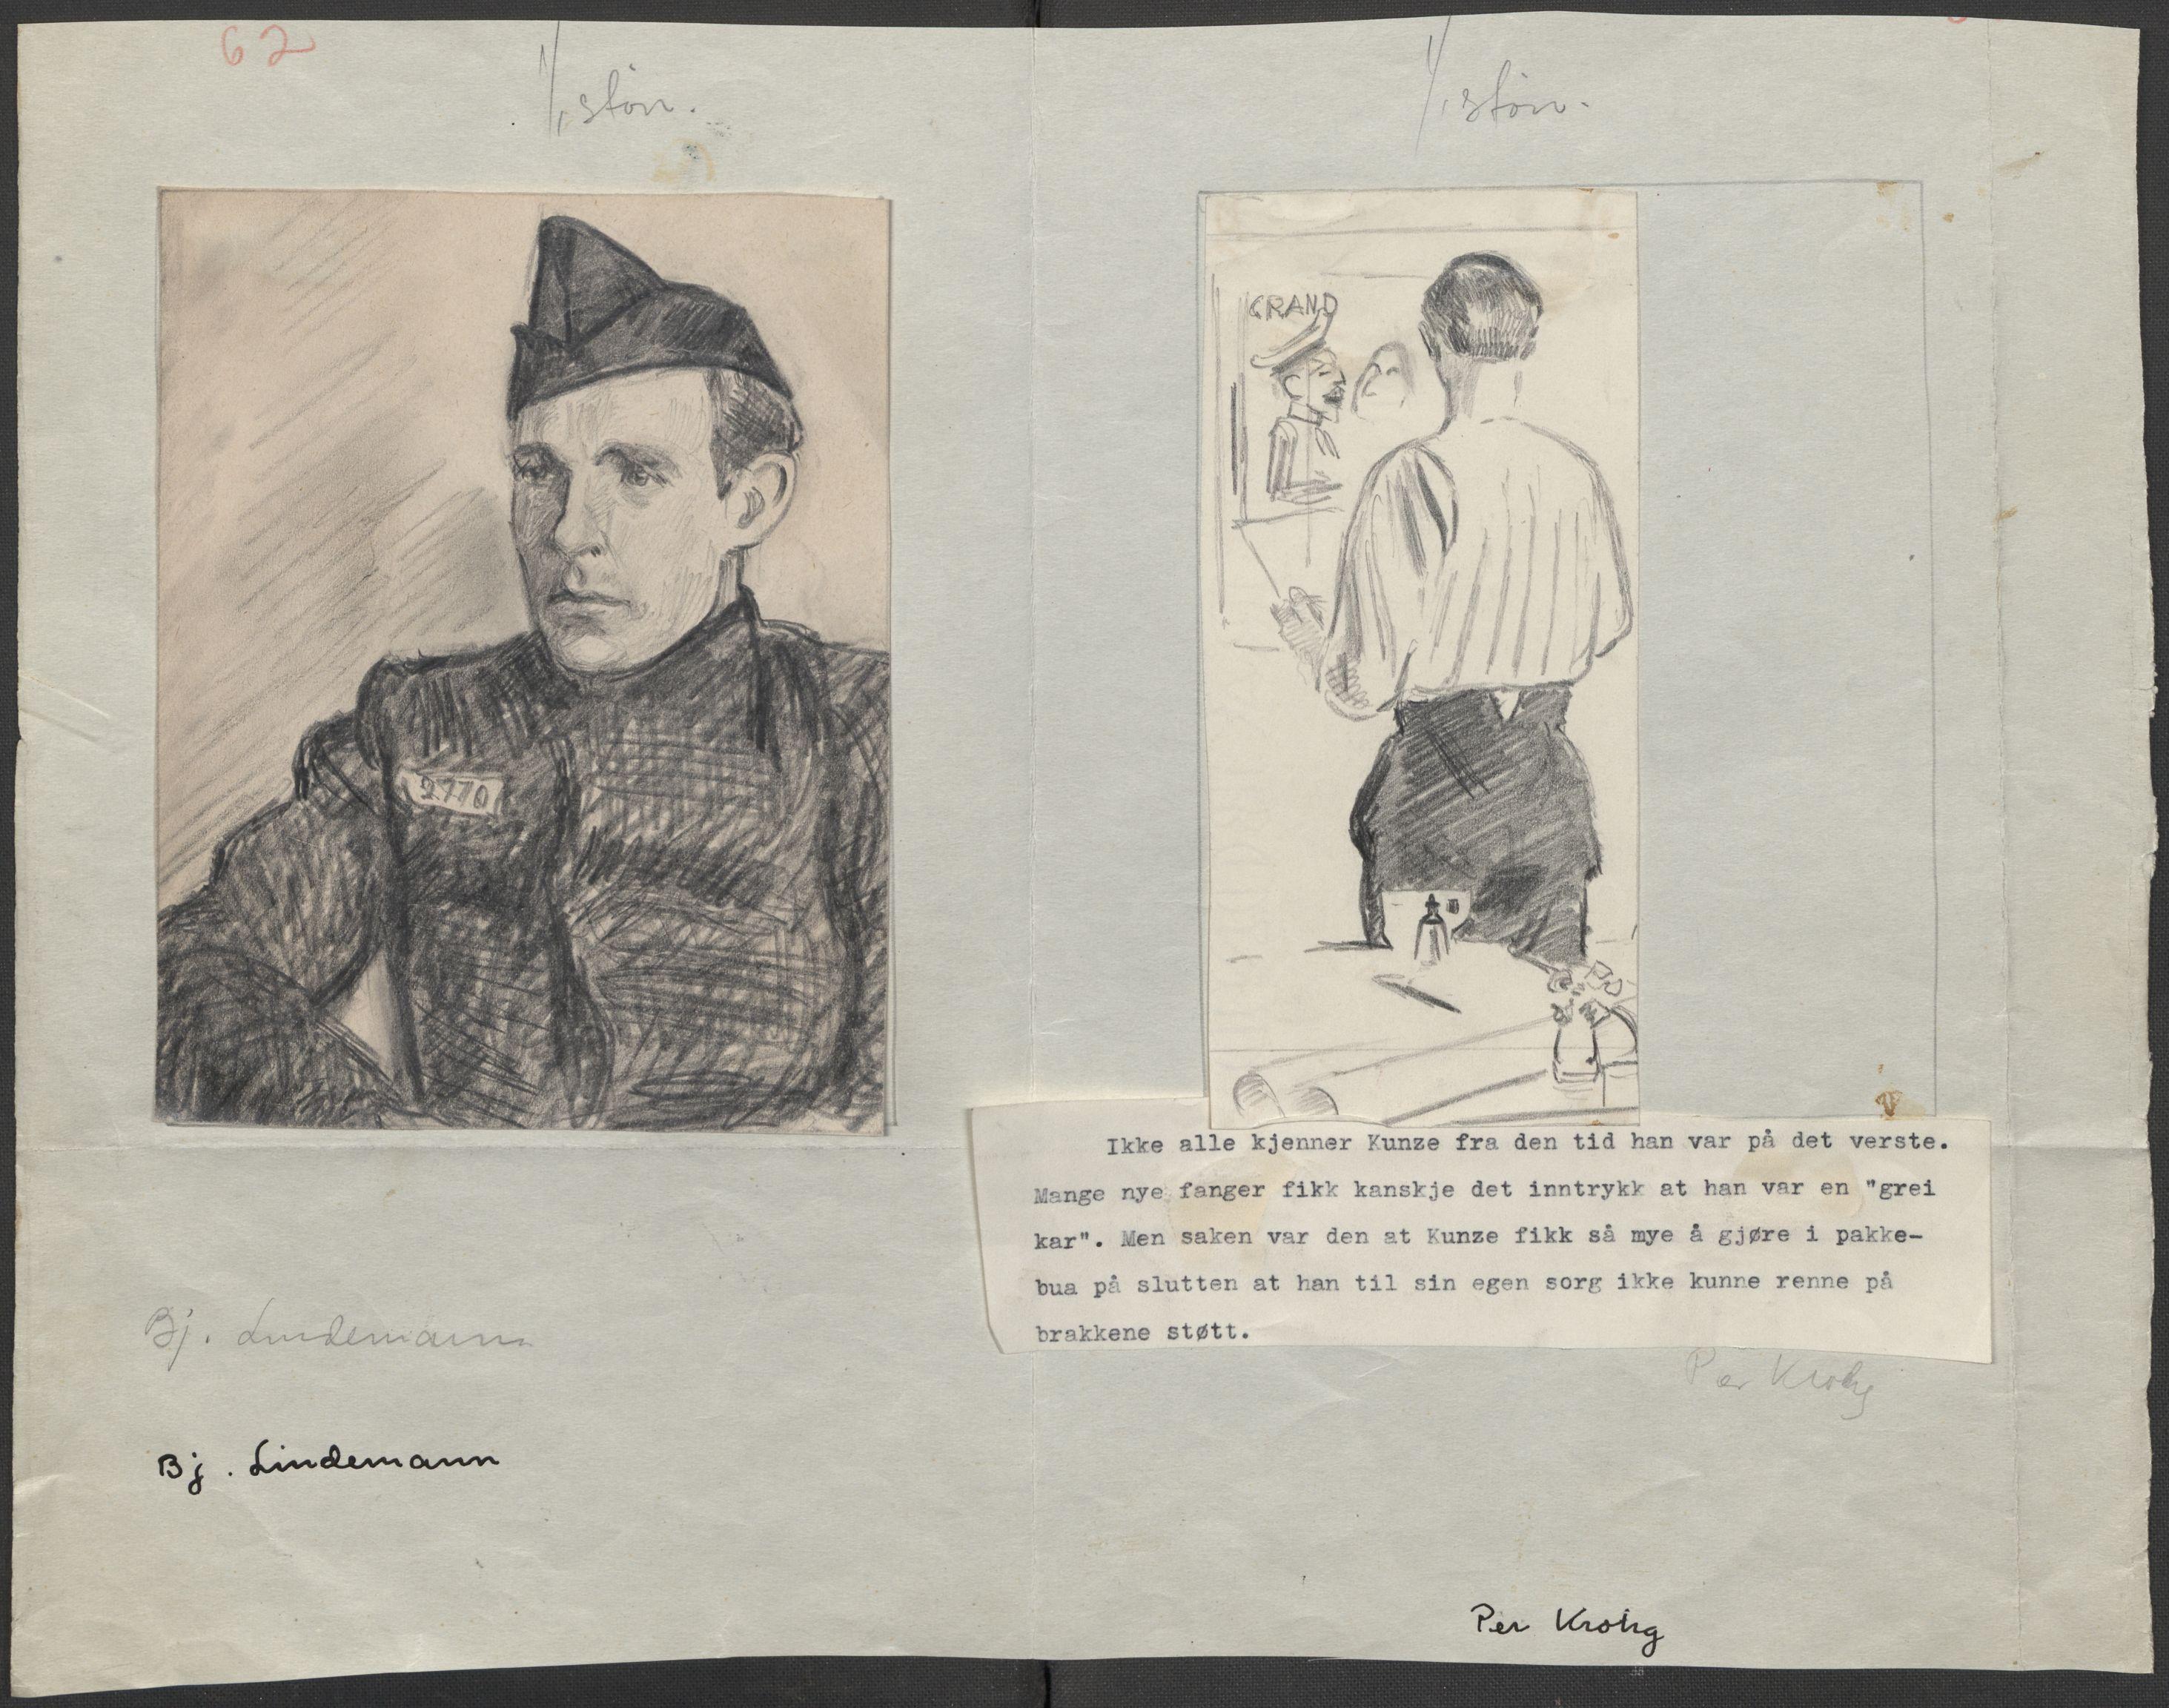 RA, Grøgaard, Joachim, F/L0002: Tegninger og tekster, 1942-1945, p. 105